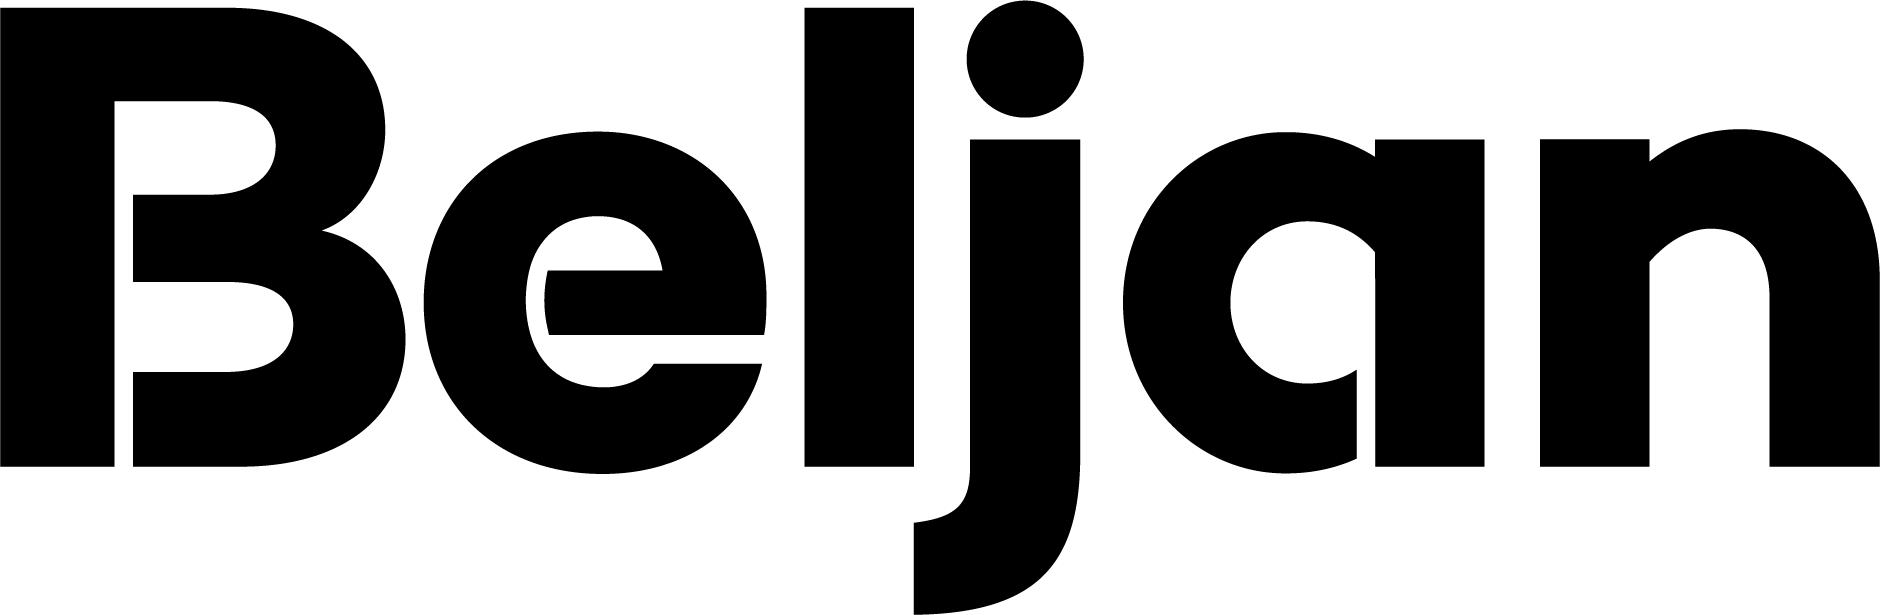 Beljan-Wordmark-Black-01.png